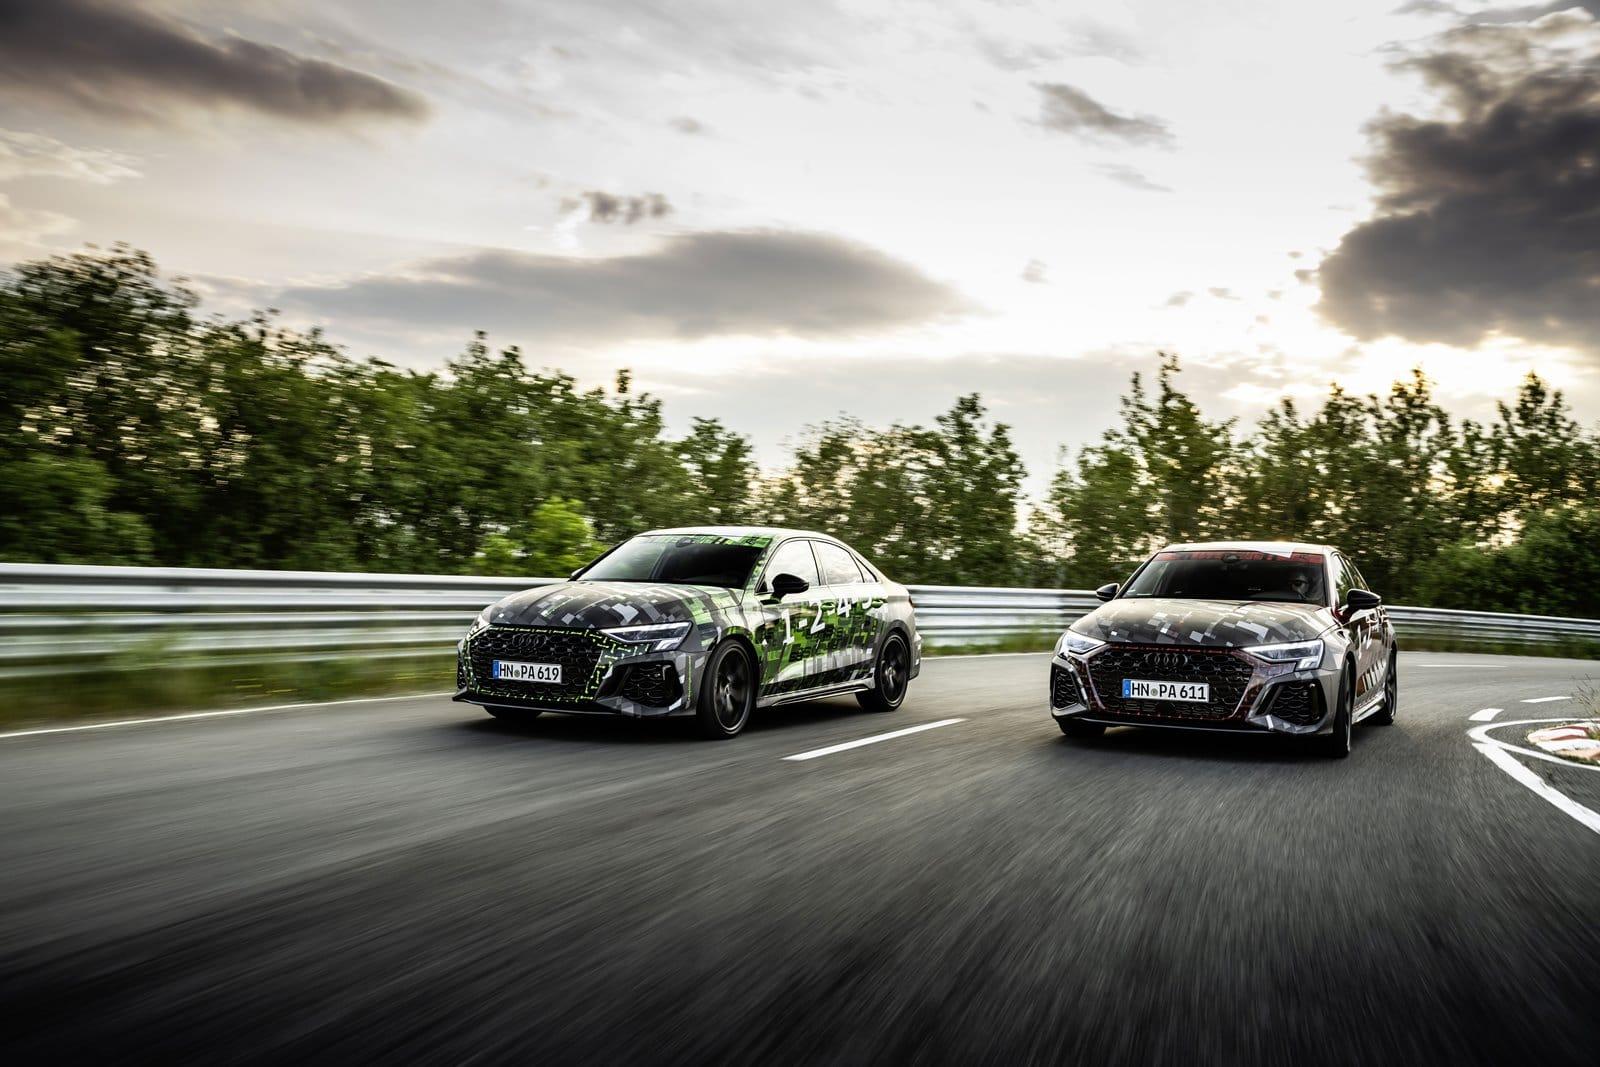 El nuevo Audi RS3 llevará el Torque Splitter de serie: ¿Qué es?